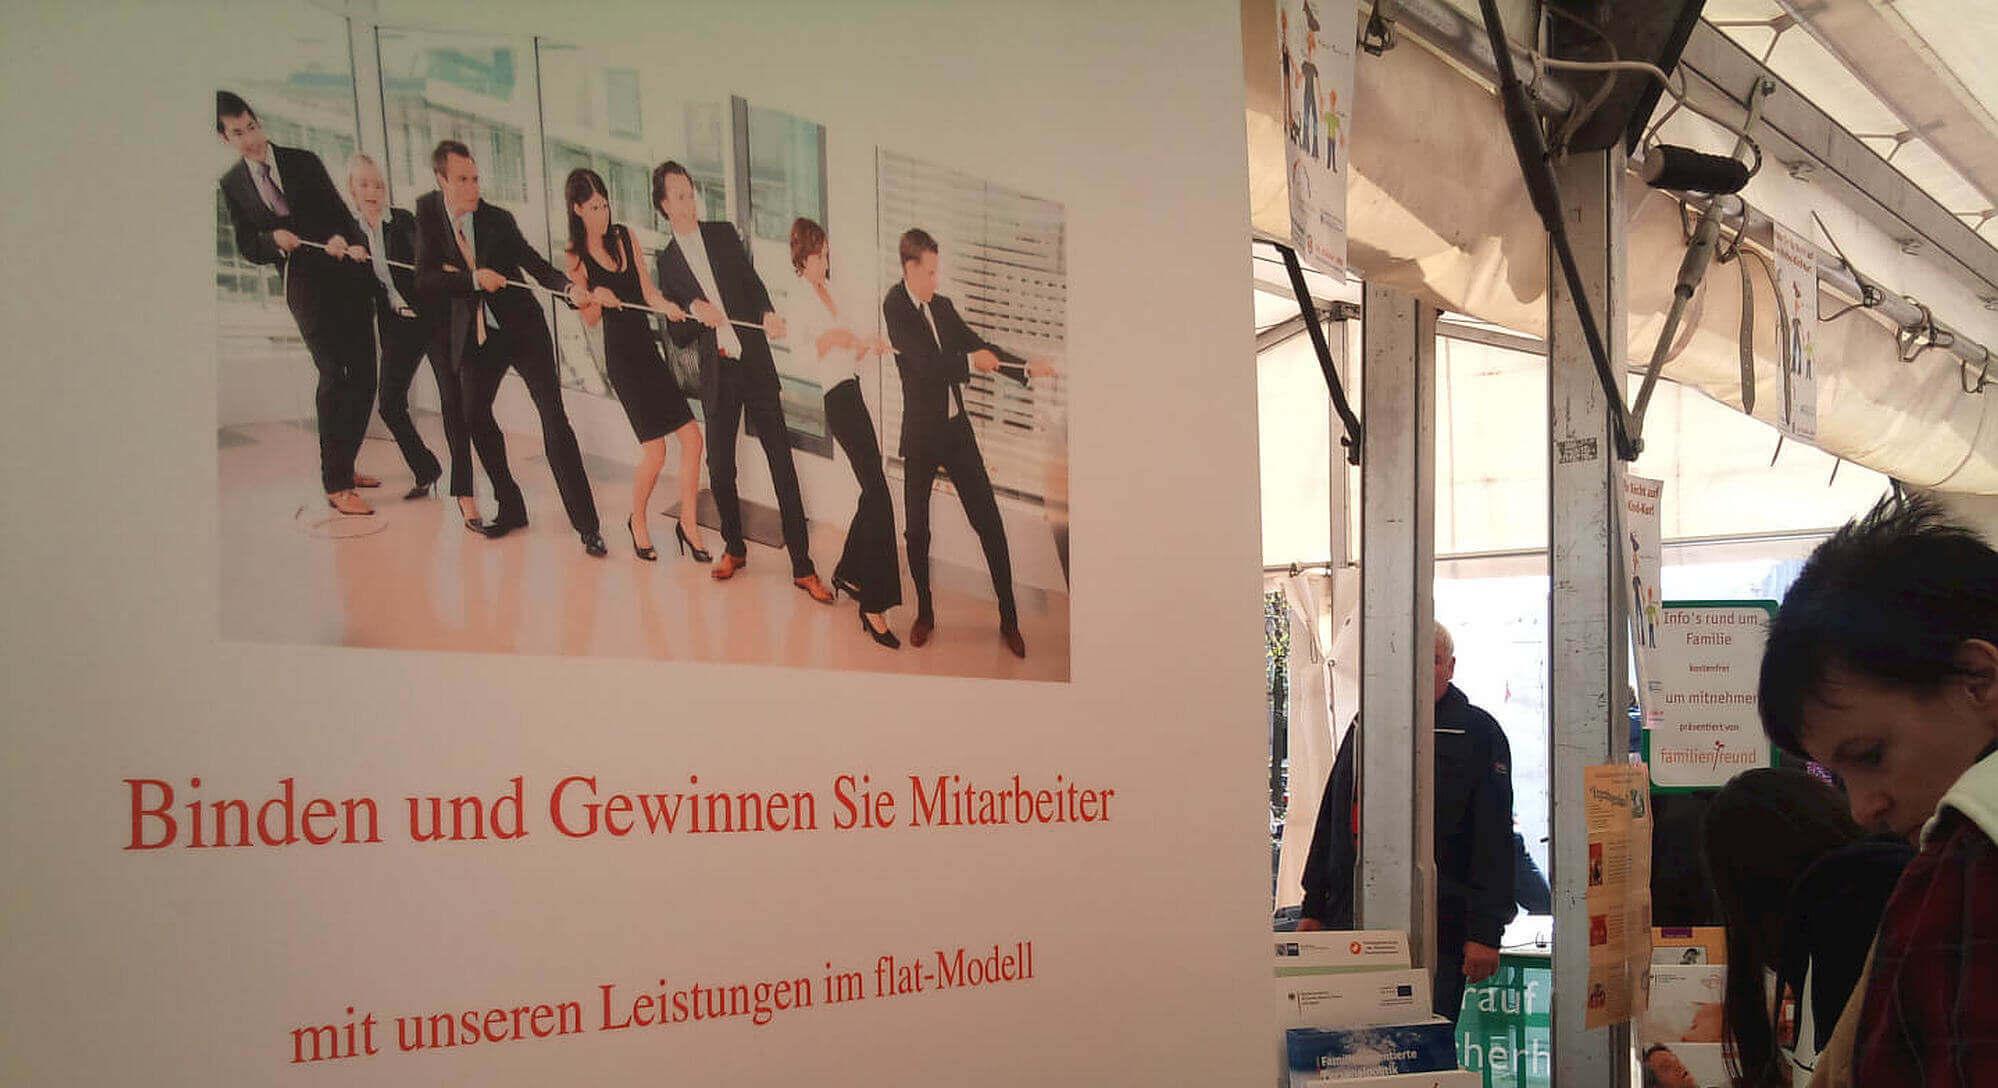 Binden und Gewinnen von Mitarbeitern (c) familienfreund.de